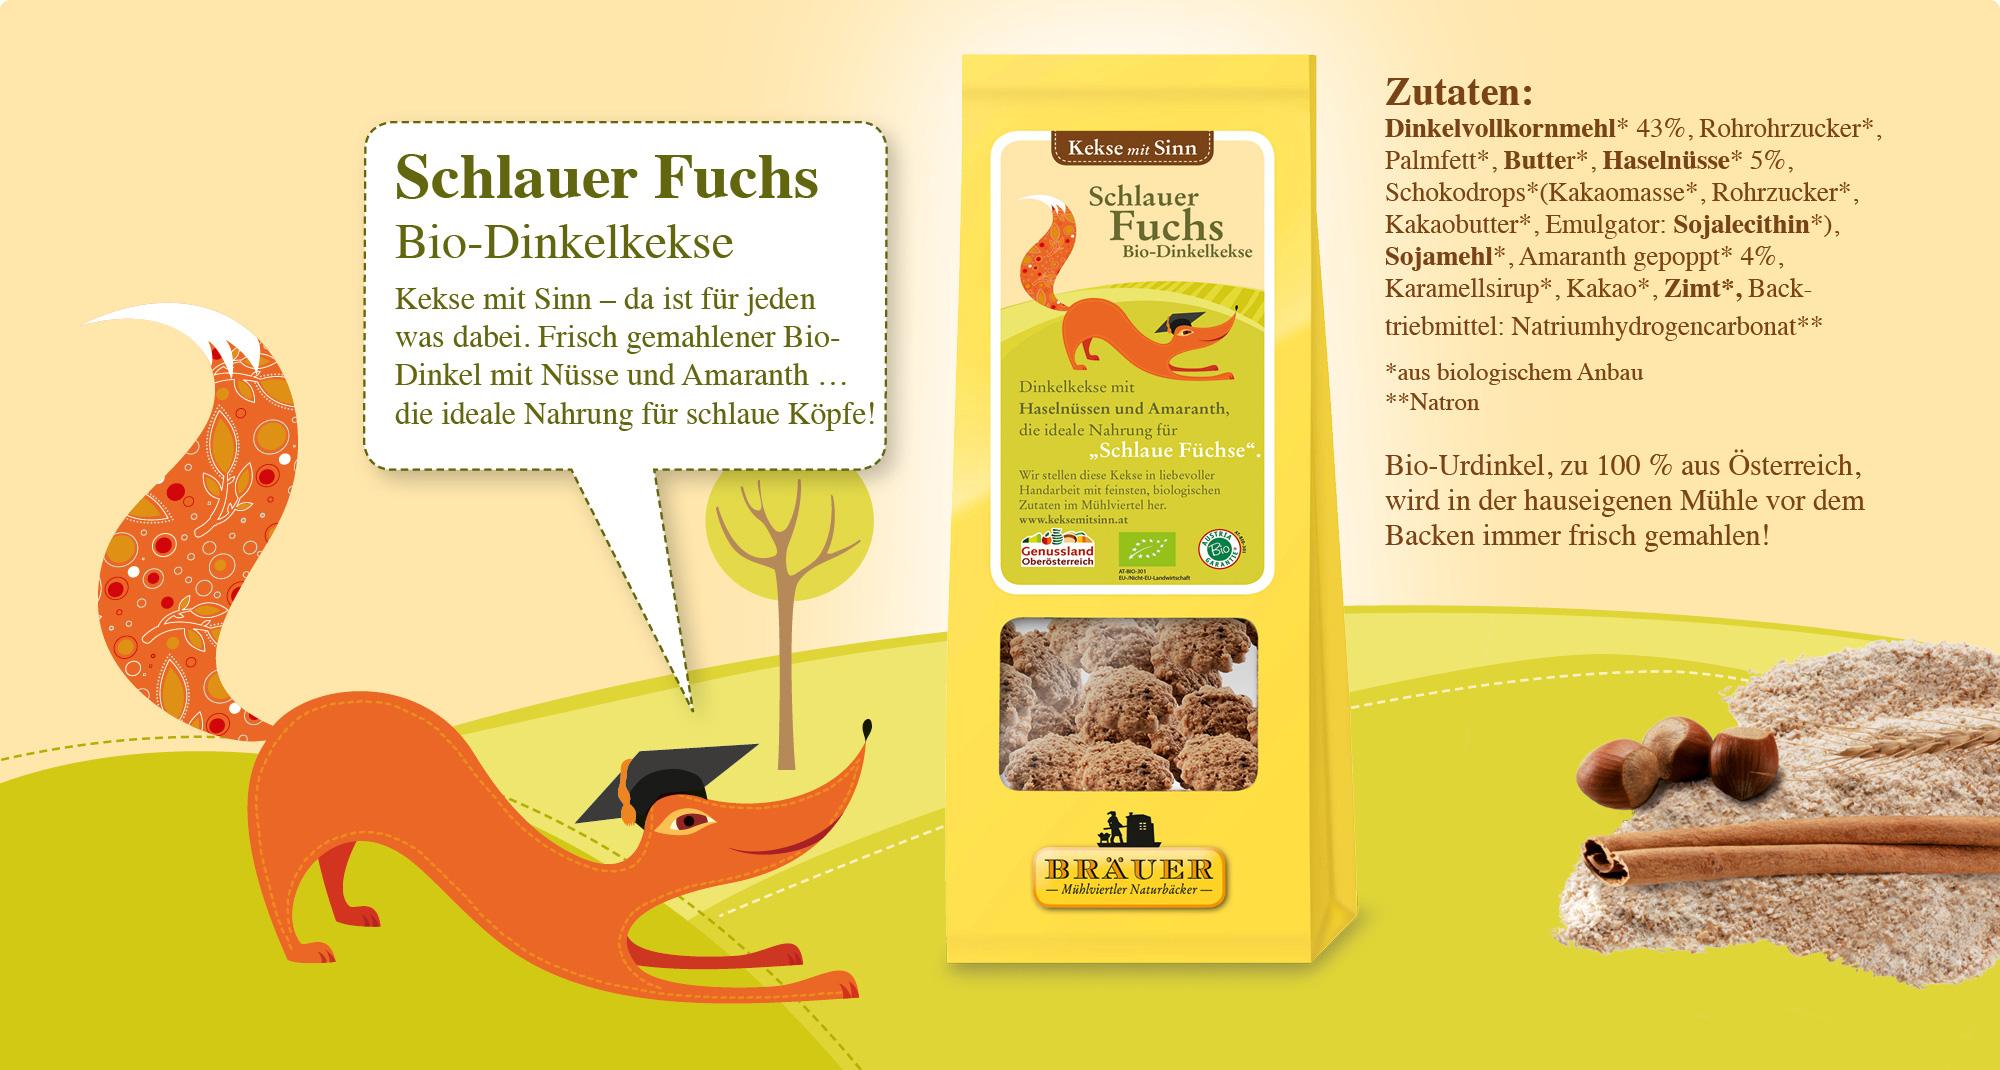 KmS Schlauer Fuchs